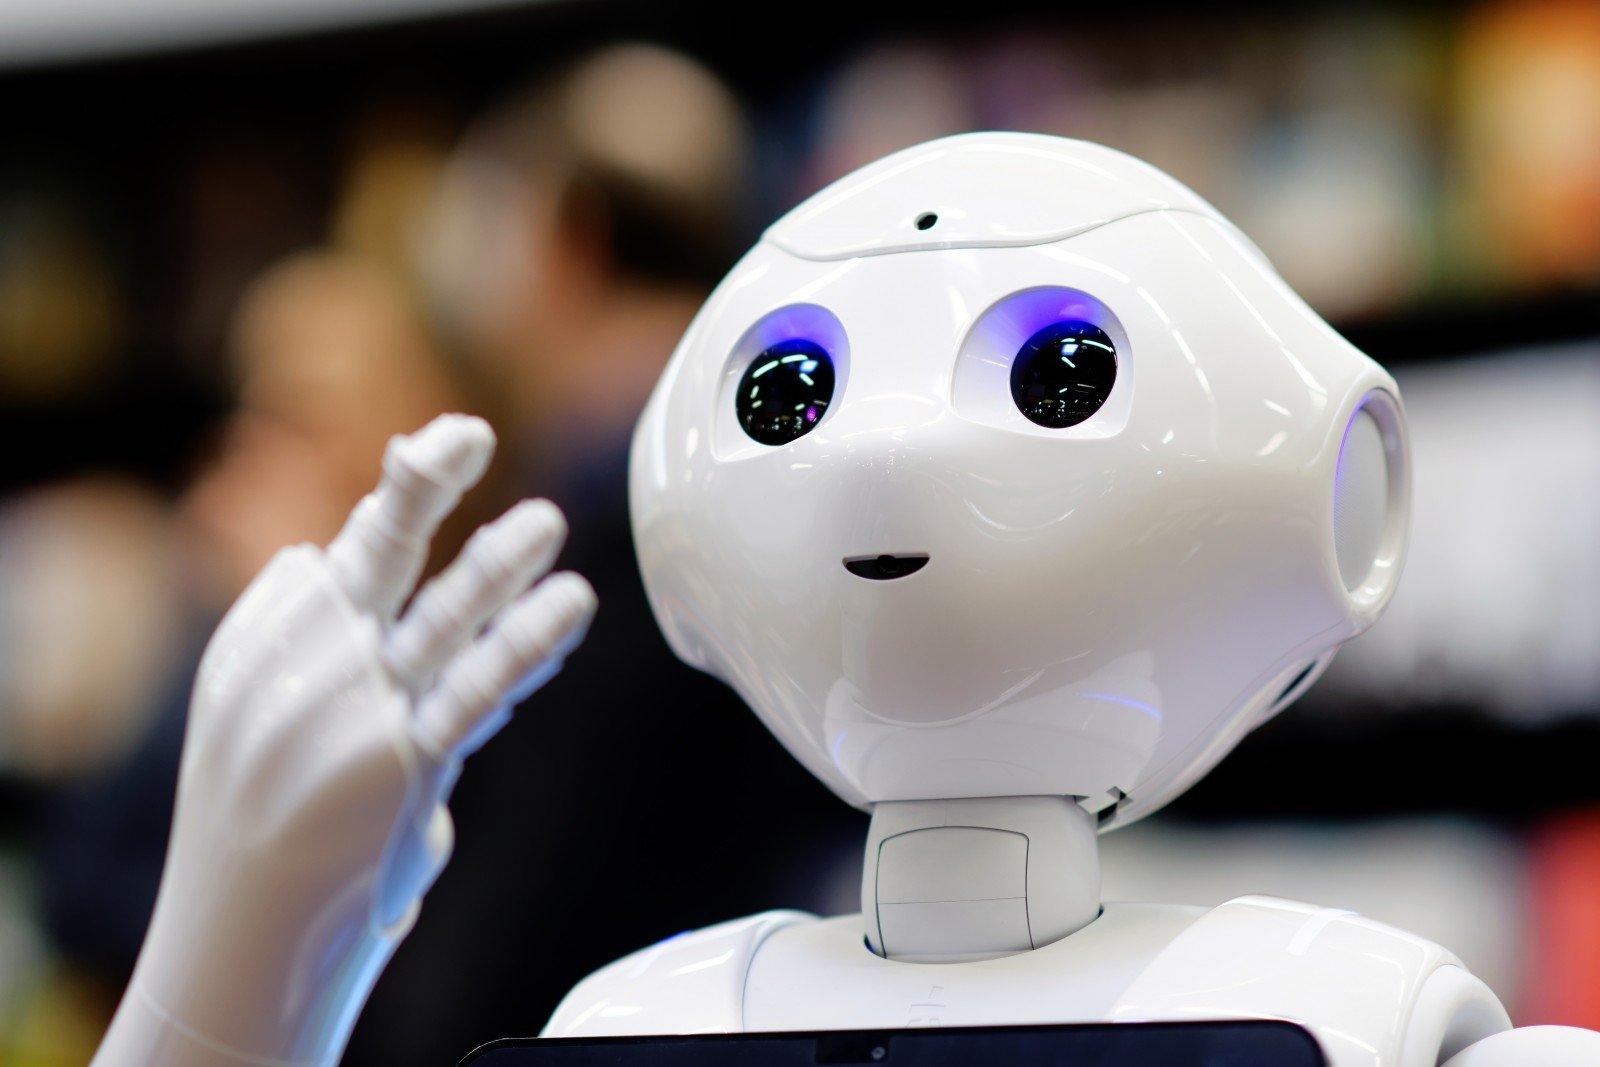 prekybos robotais darbuotojais binance futures trading bot python